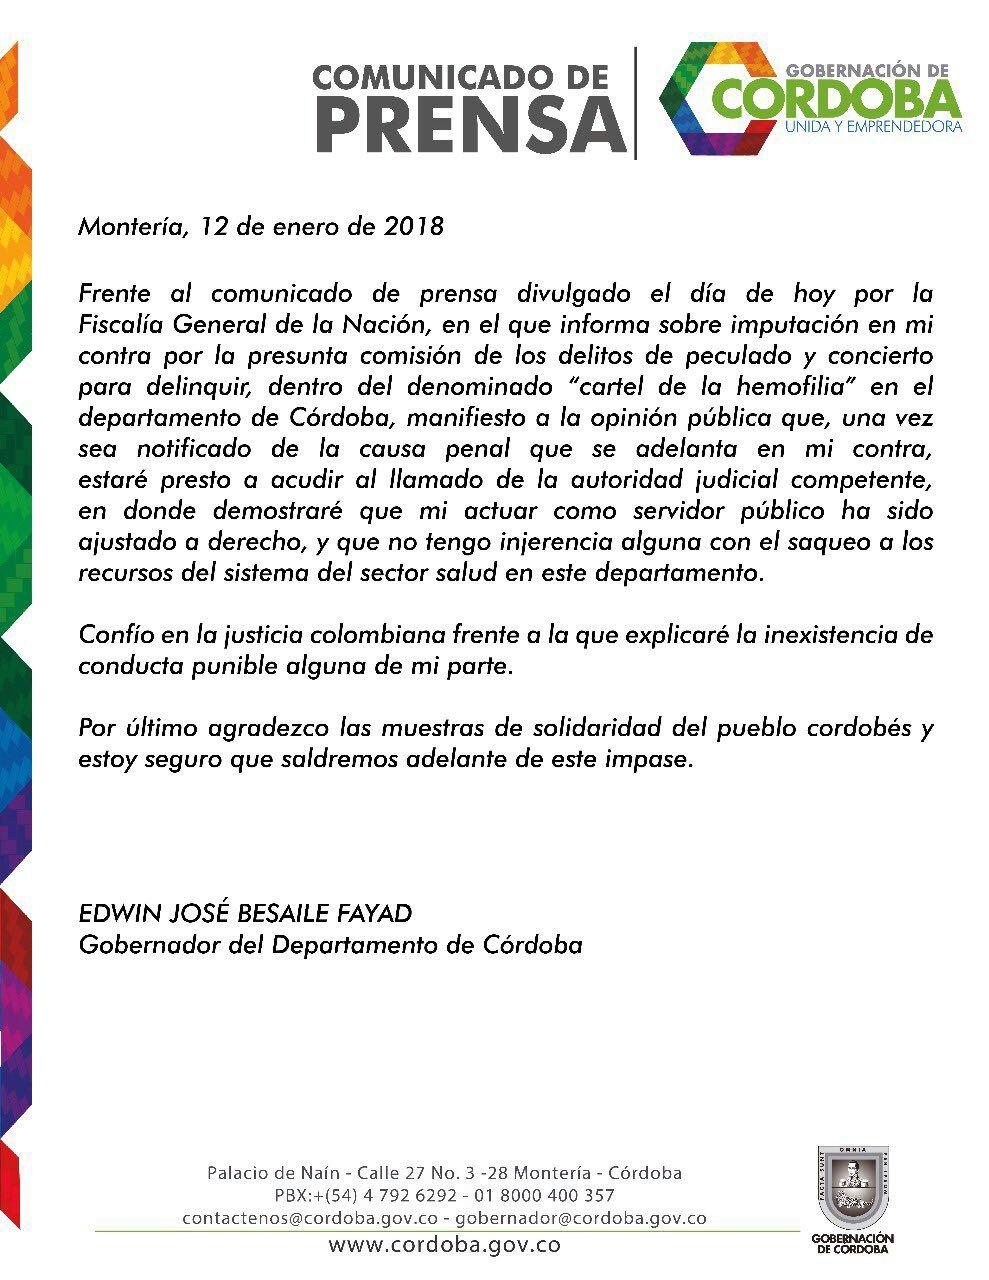 Gobernador de Córdoba advierte que acudirá a llamado de la Fiscalía